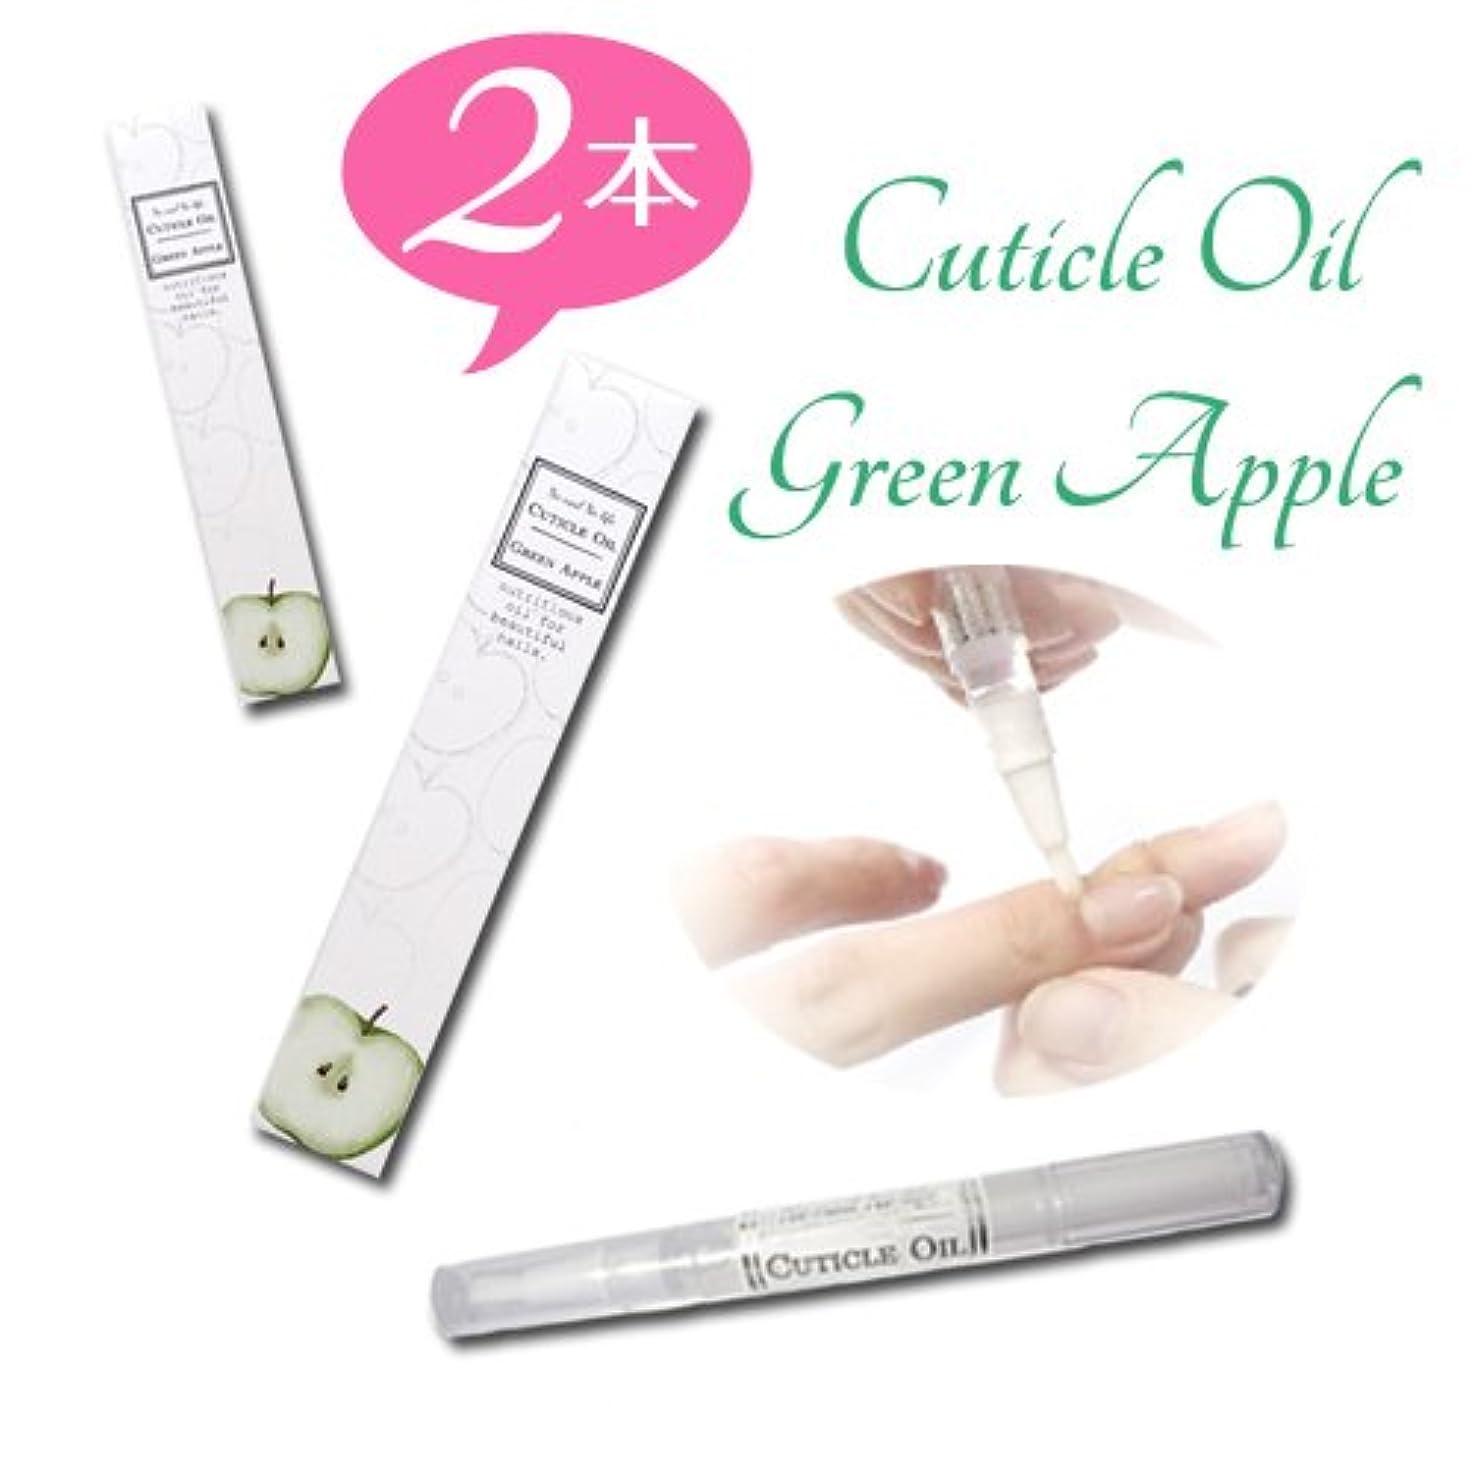 賢明な運ぶスラムネイルオイル ペンタイプ グリーンアップル 2本セット